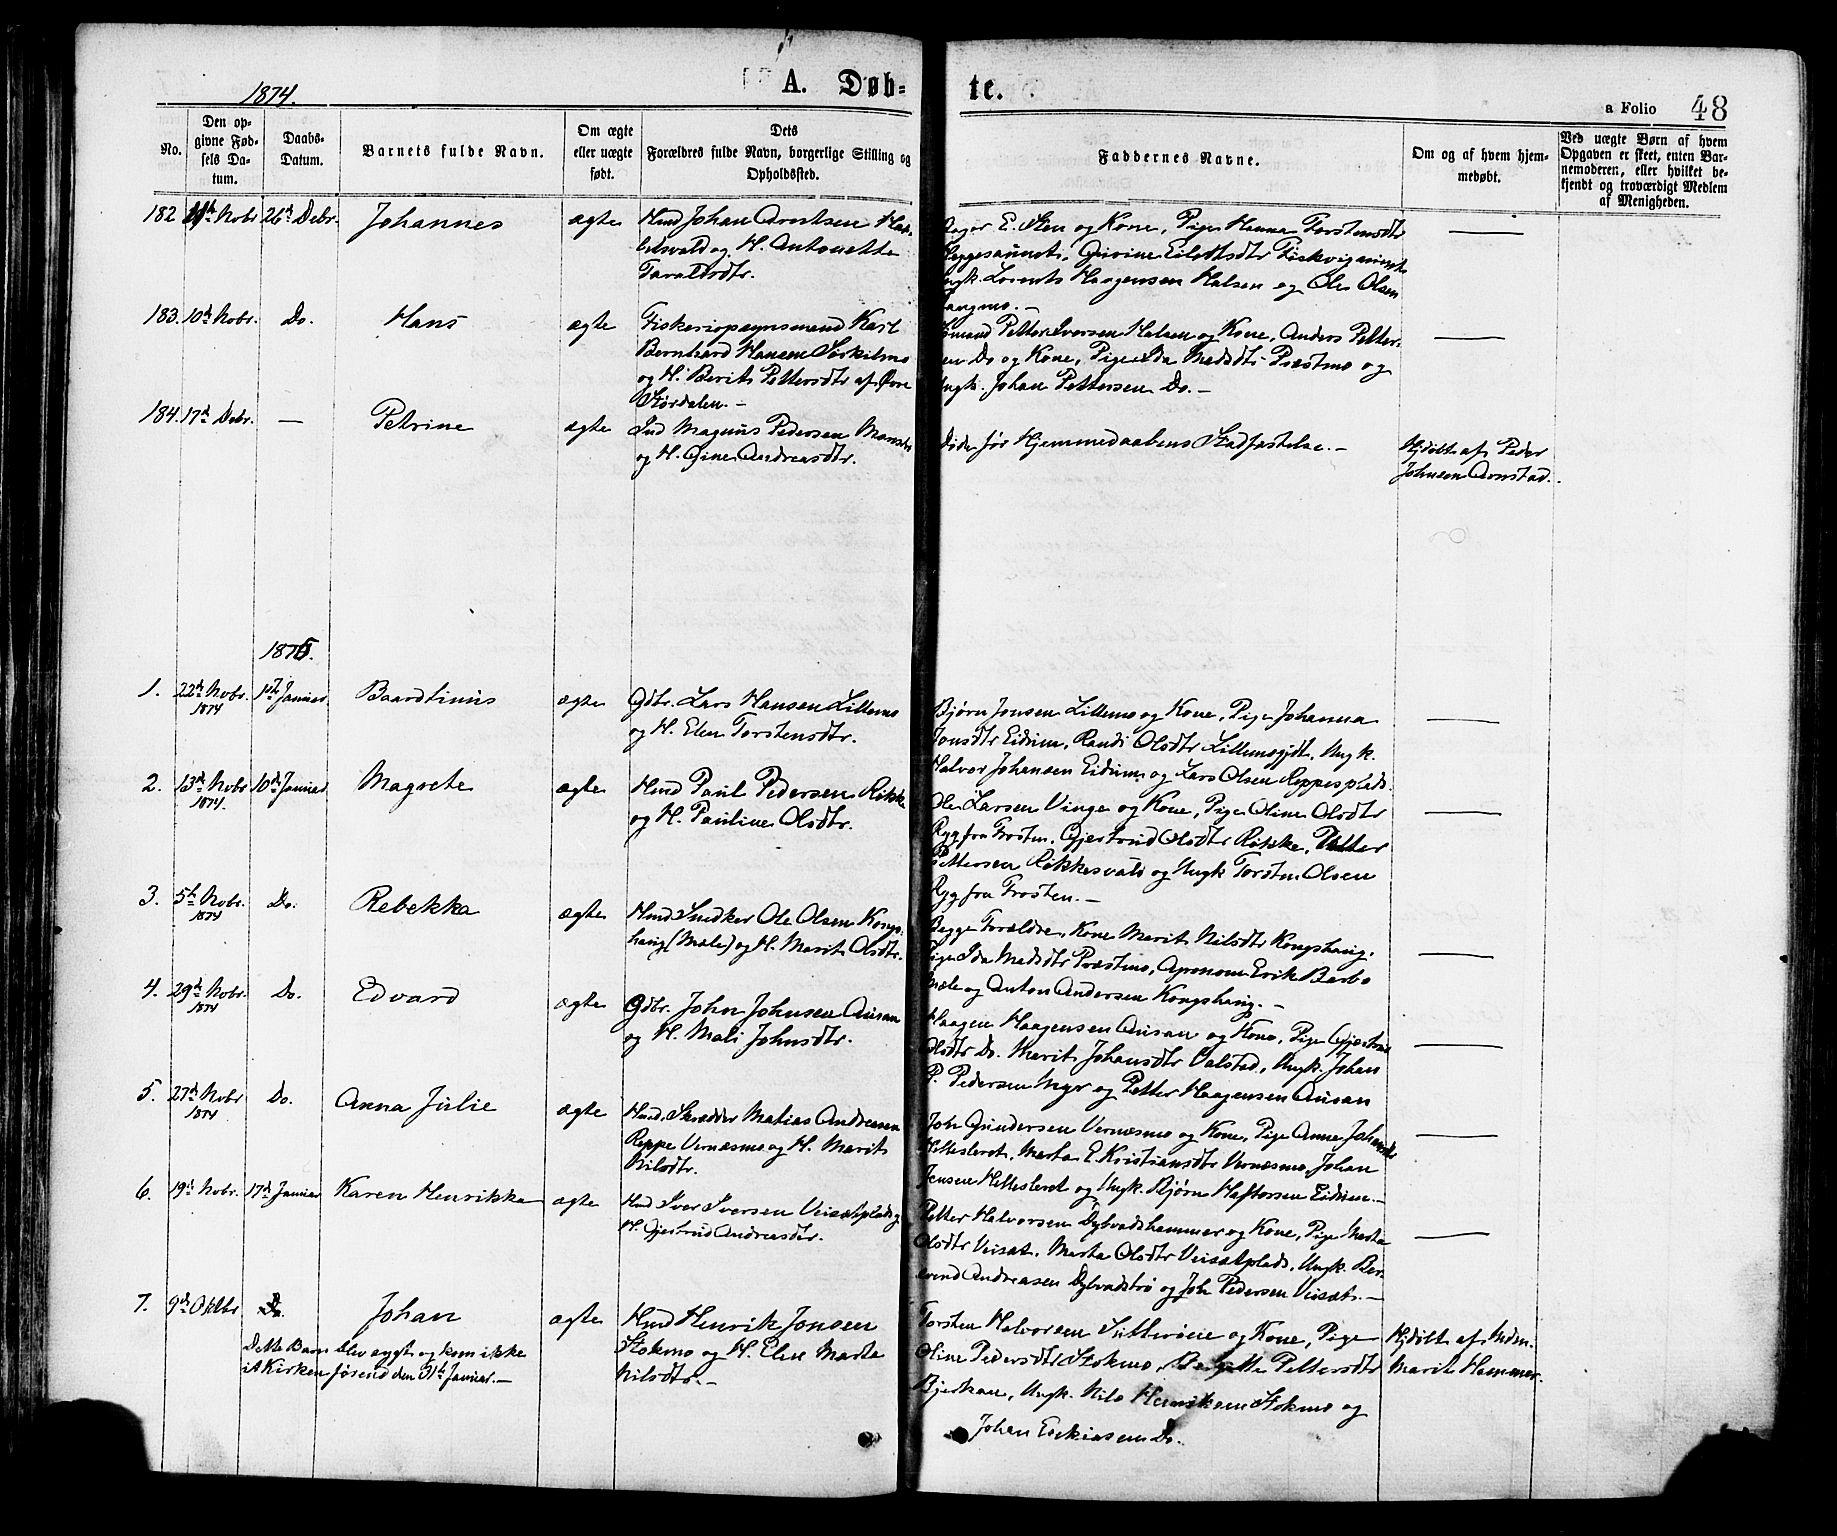 SAT, Ministerialprotokoller, klokkerbøker og fødselsregistre - Nord-Trøndelag, 709/L0076: Ministerialbok nr. 709A16, 1871-1879, s. 48